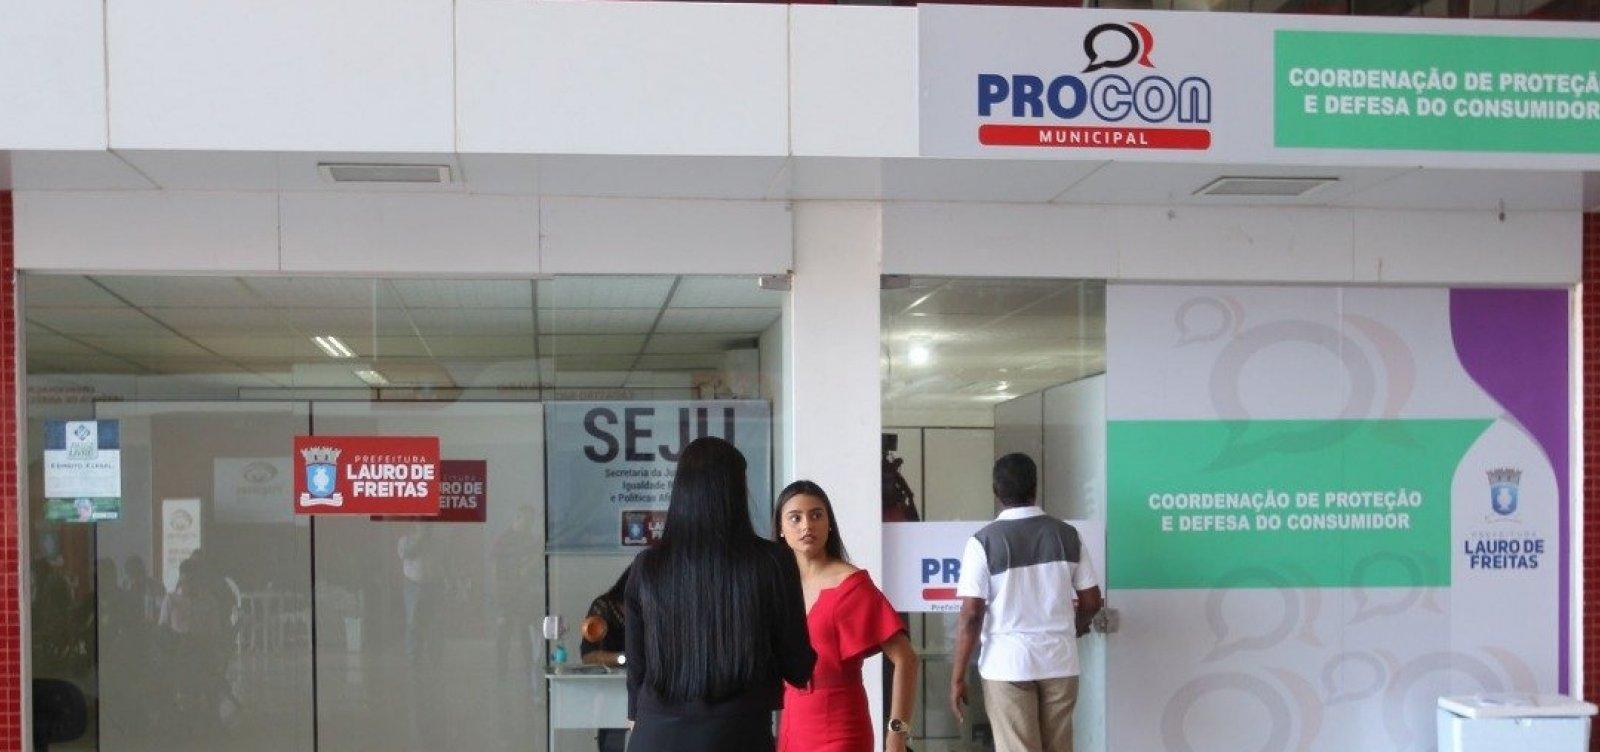 Lauro de Freitas ganha unidade do Procon